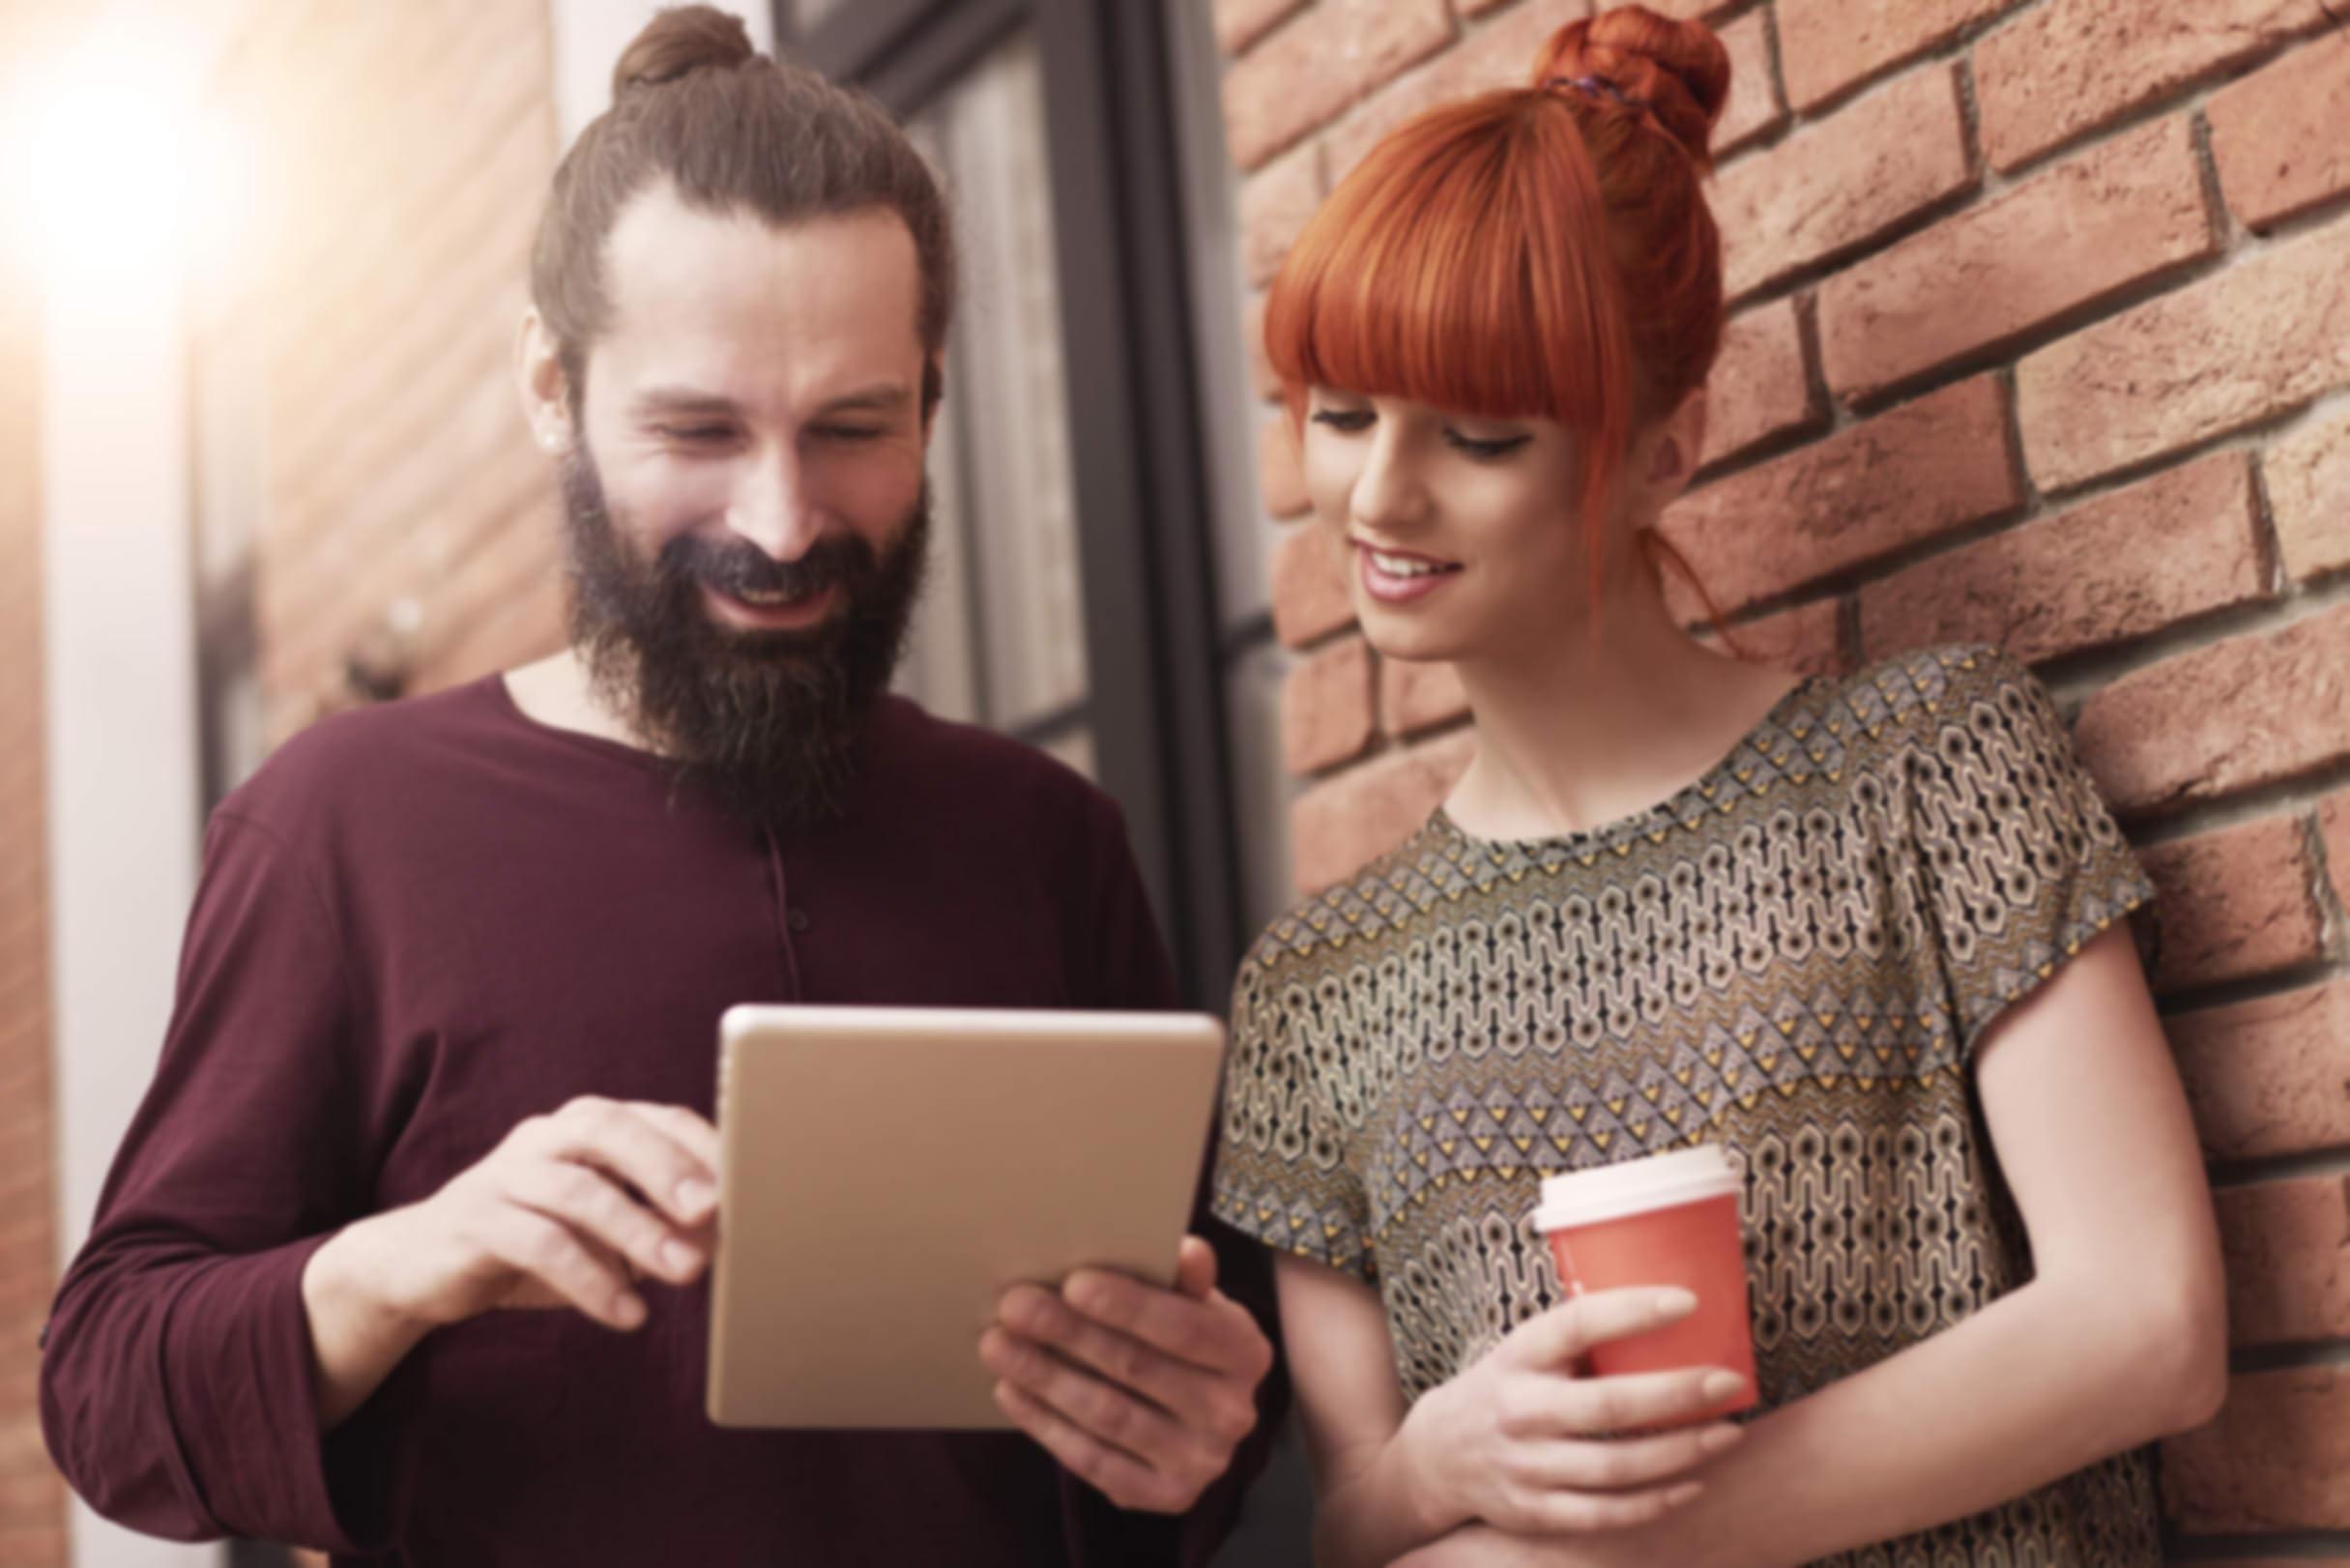 Hombre y mujer mirando una tableta.